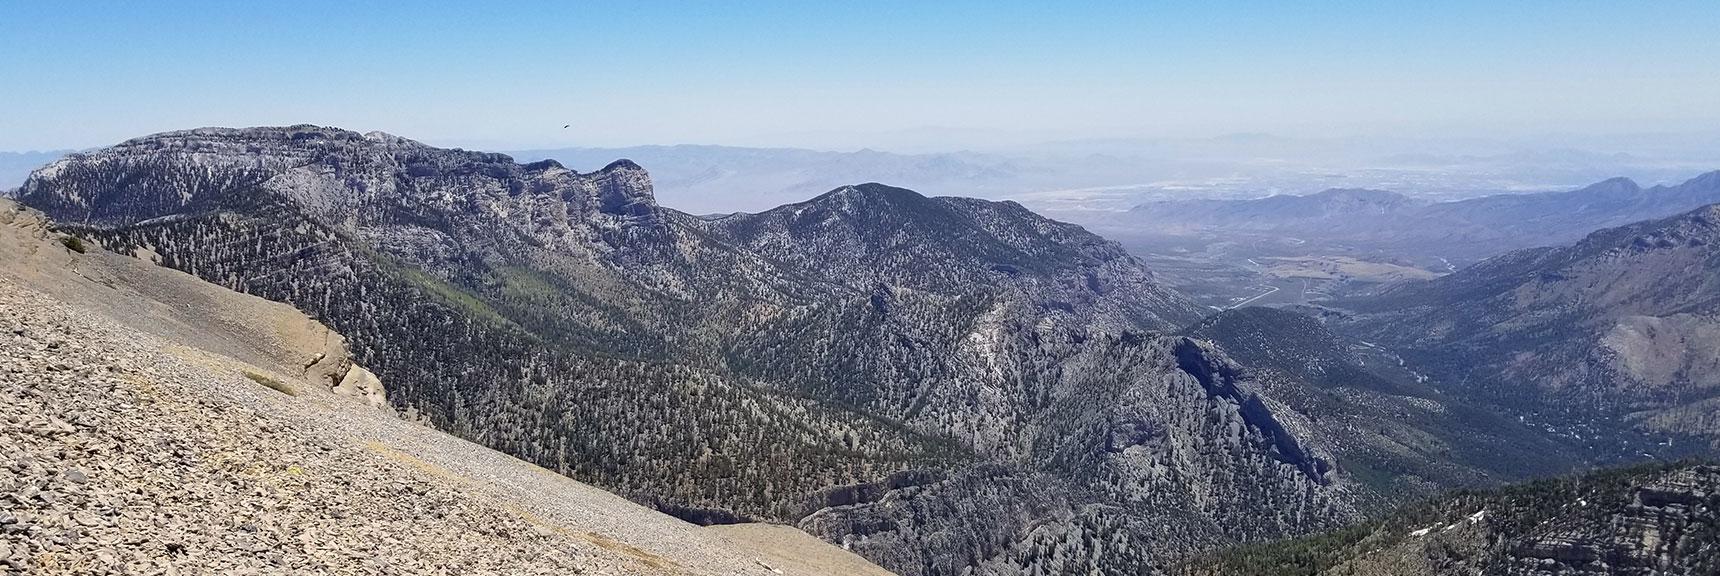 Mummy Mountain from Charleston Peak Summit